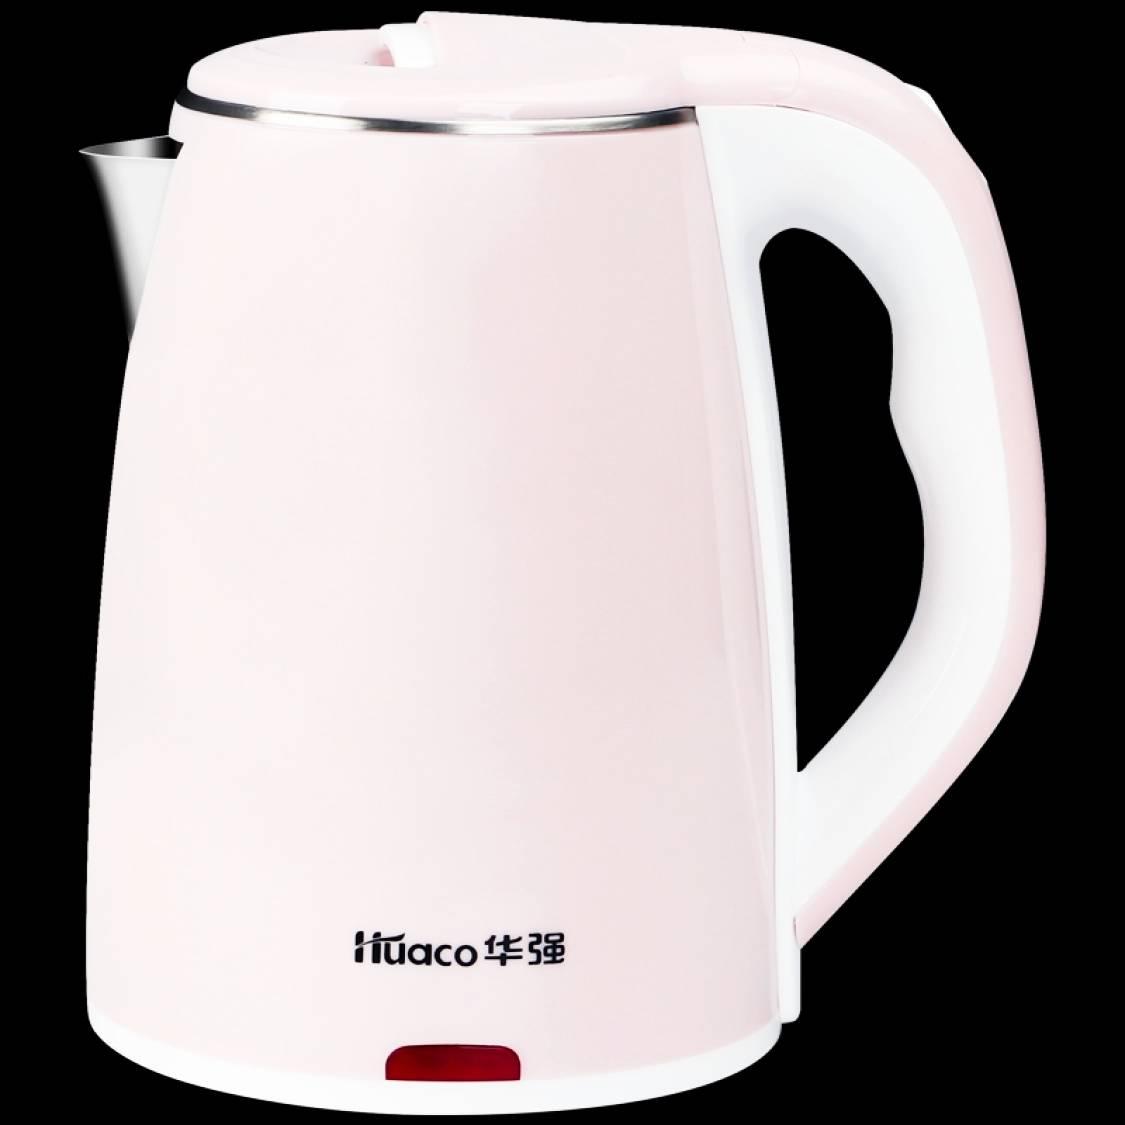 华强 电热水壶 304不锈钢 烧水壶1.8L 29.9元(需用券)